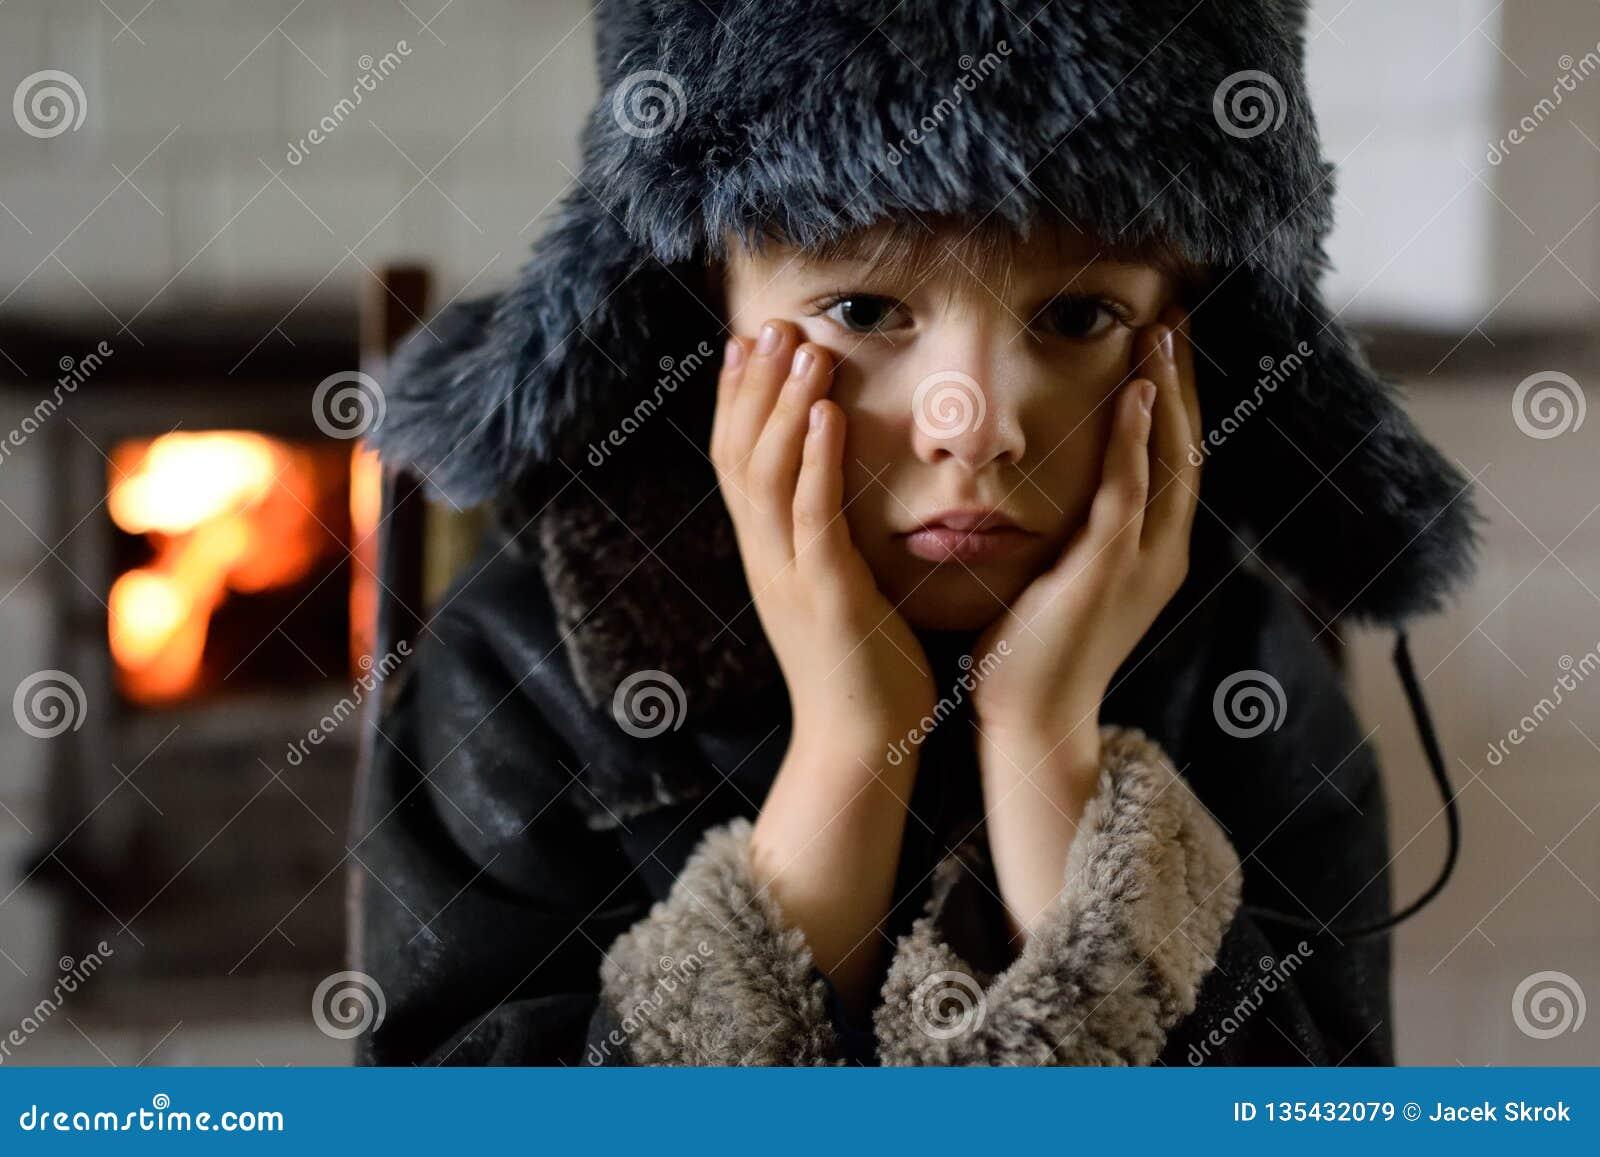 a8b1f65a6af1 Un Niño Triste, Aterrorizado, Pobre El Muchacho En Un Invierno ...